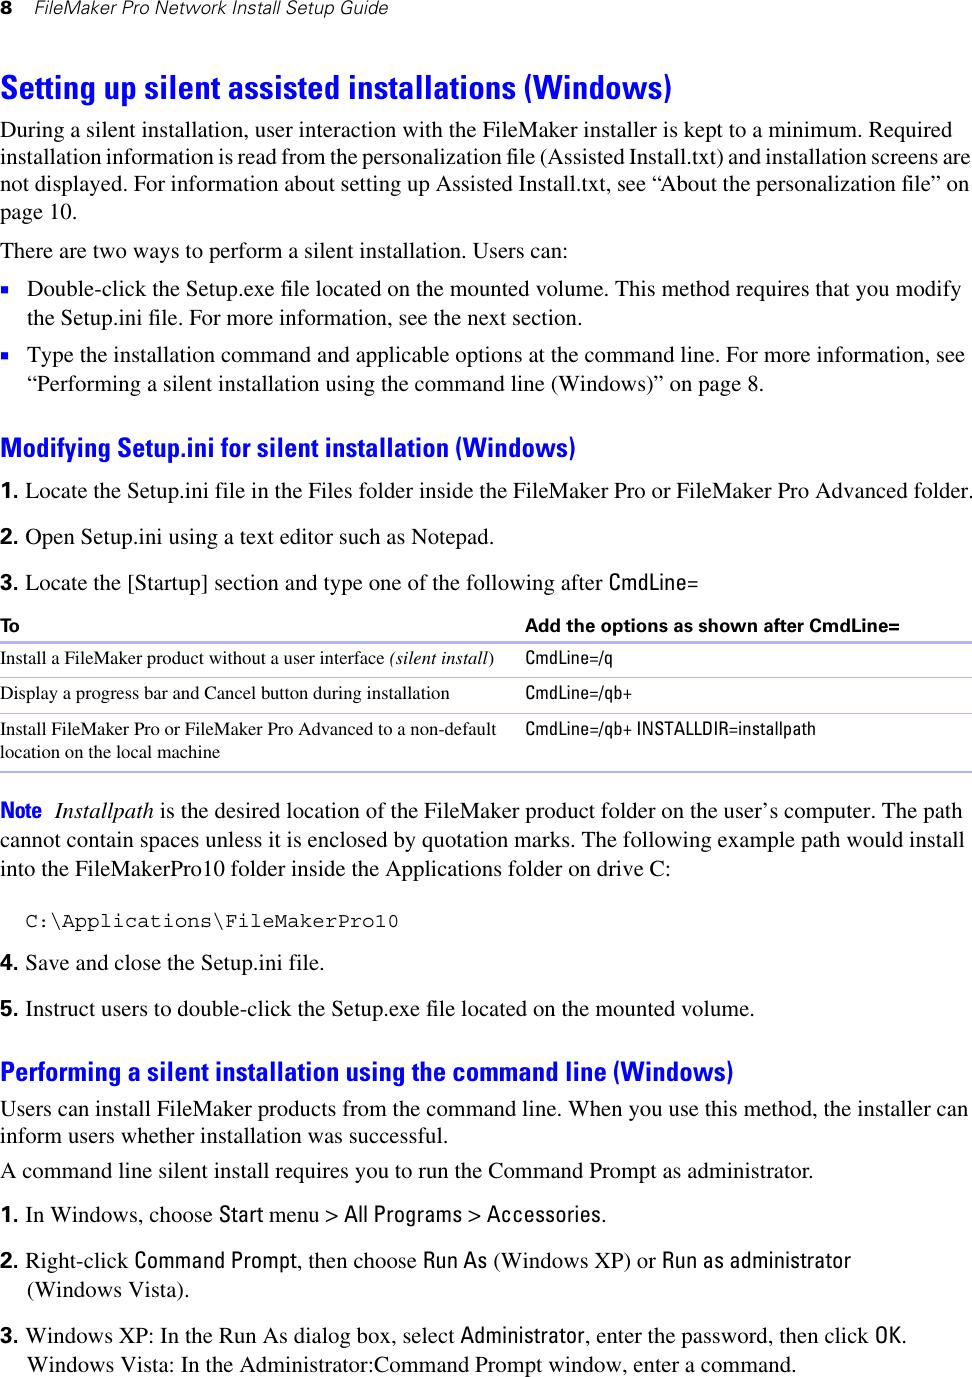 Filemaker Pro Network Install Setup Guide File Maker 10 Fmp10 En